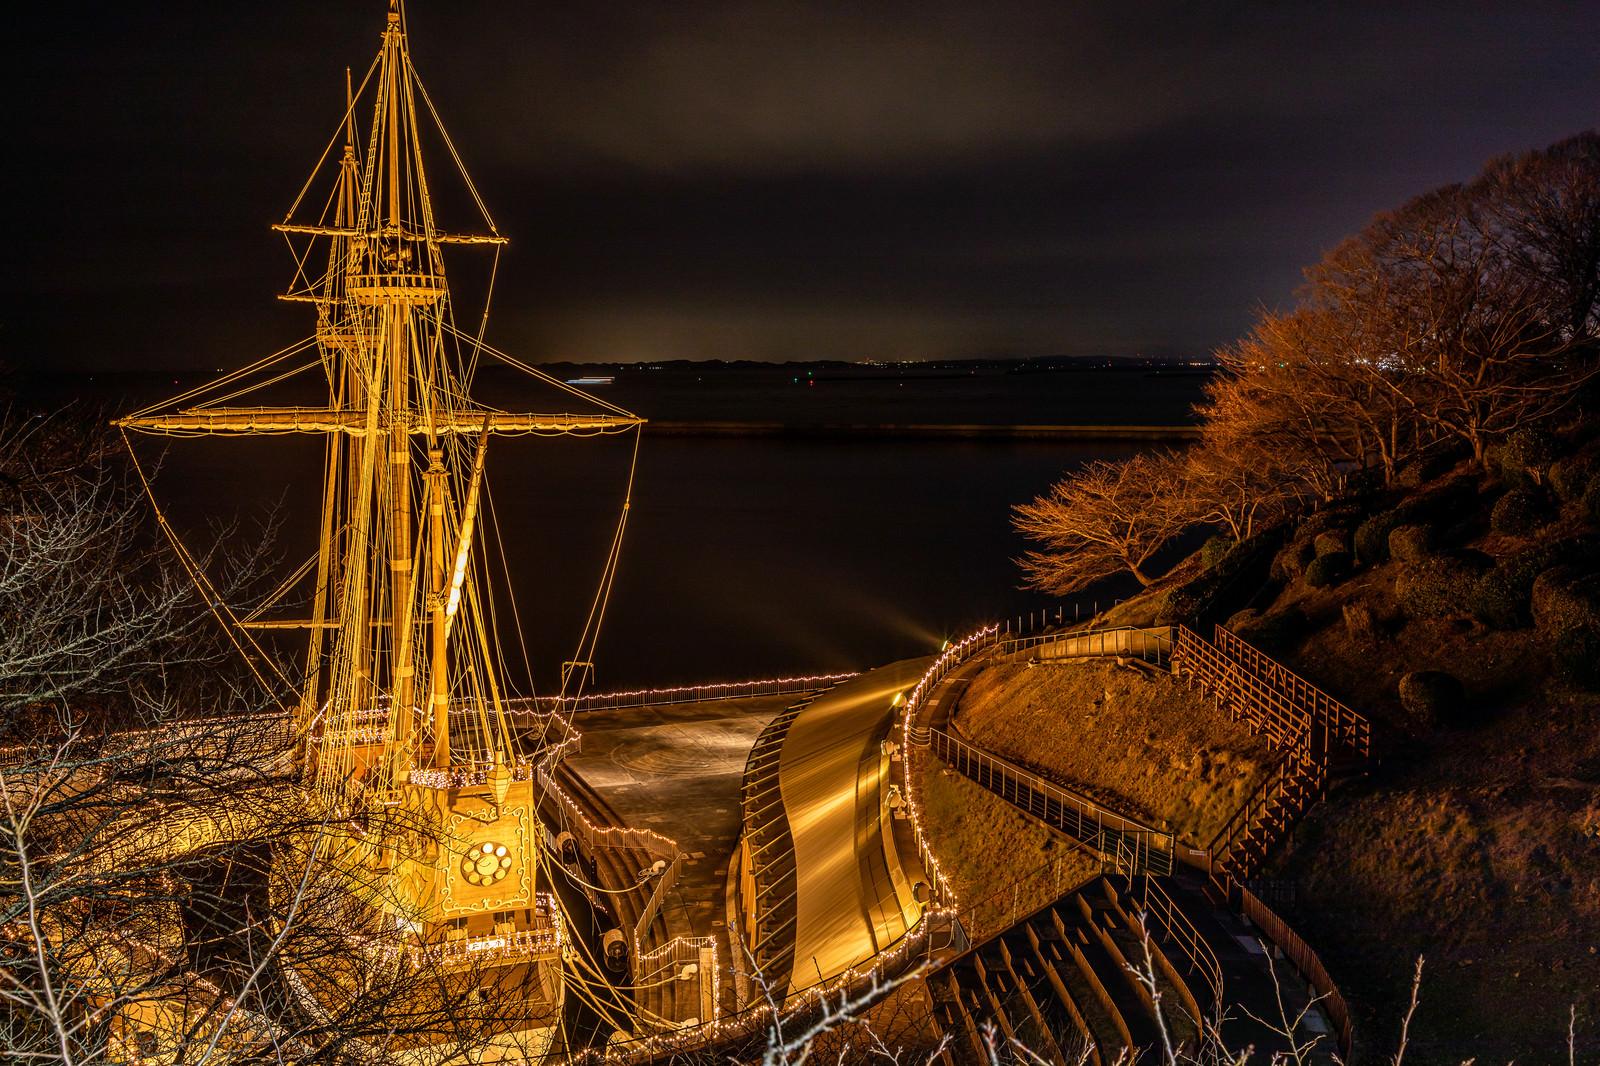 「ライトアップされた復元船(宮城県石巻市)」の写真